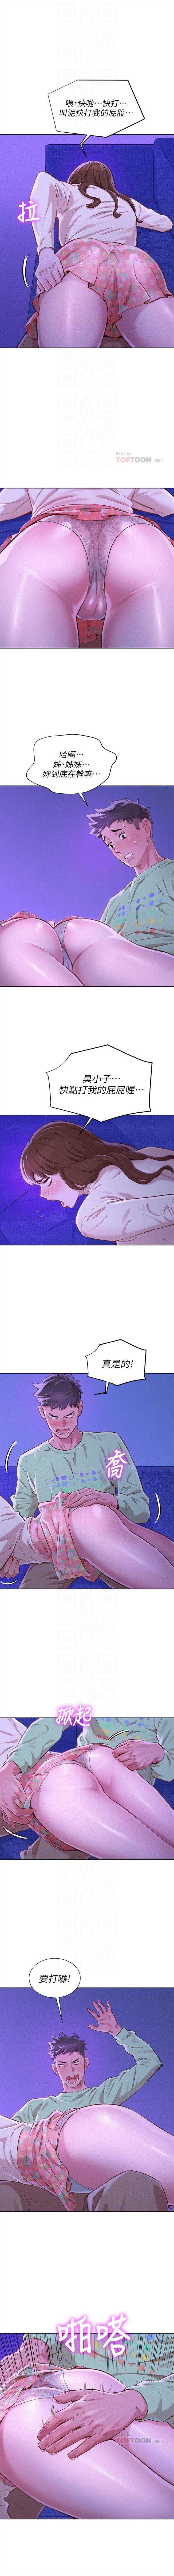 (周7)漂亮干姐姐  1-79 中文翻译 (更新中) 391